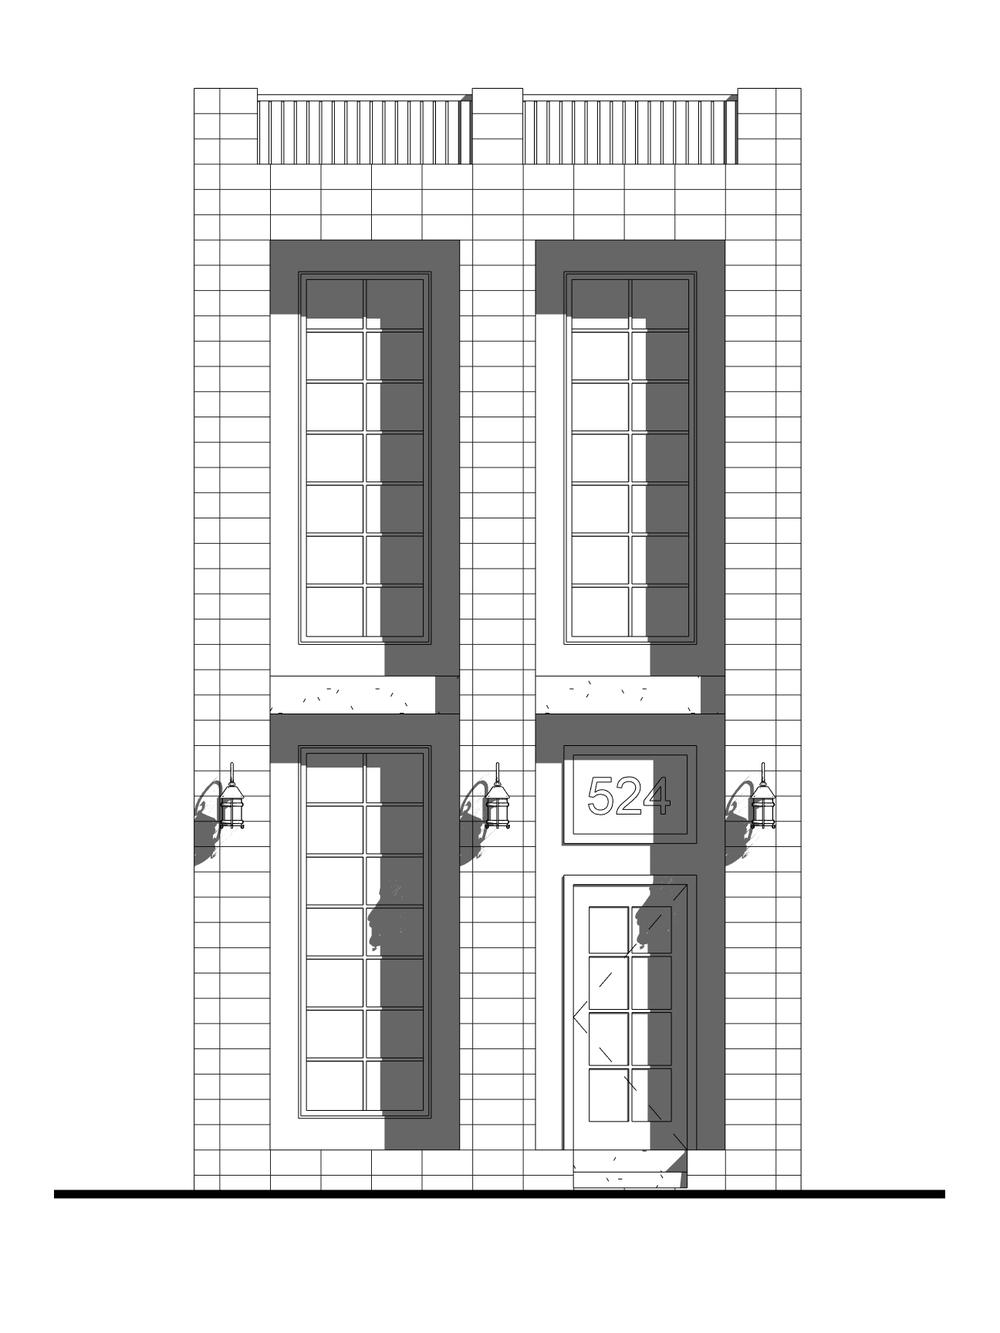 LOFT 3 elevation.jpg